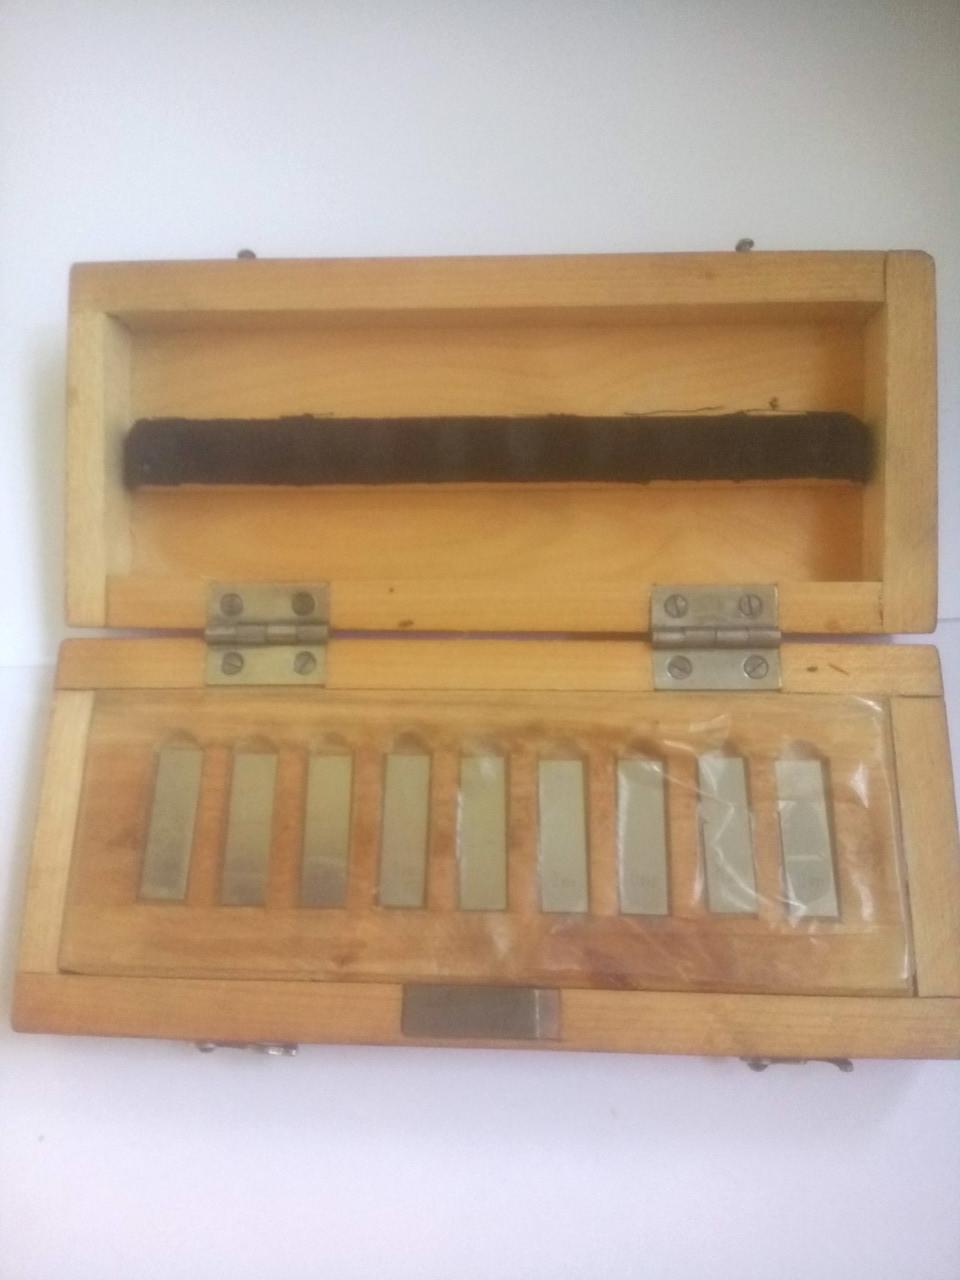 Меры длинны  концевые , набор из стали твердого сплава 0,991-0,999, возможна калибровка в Укрцсм